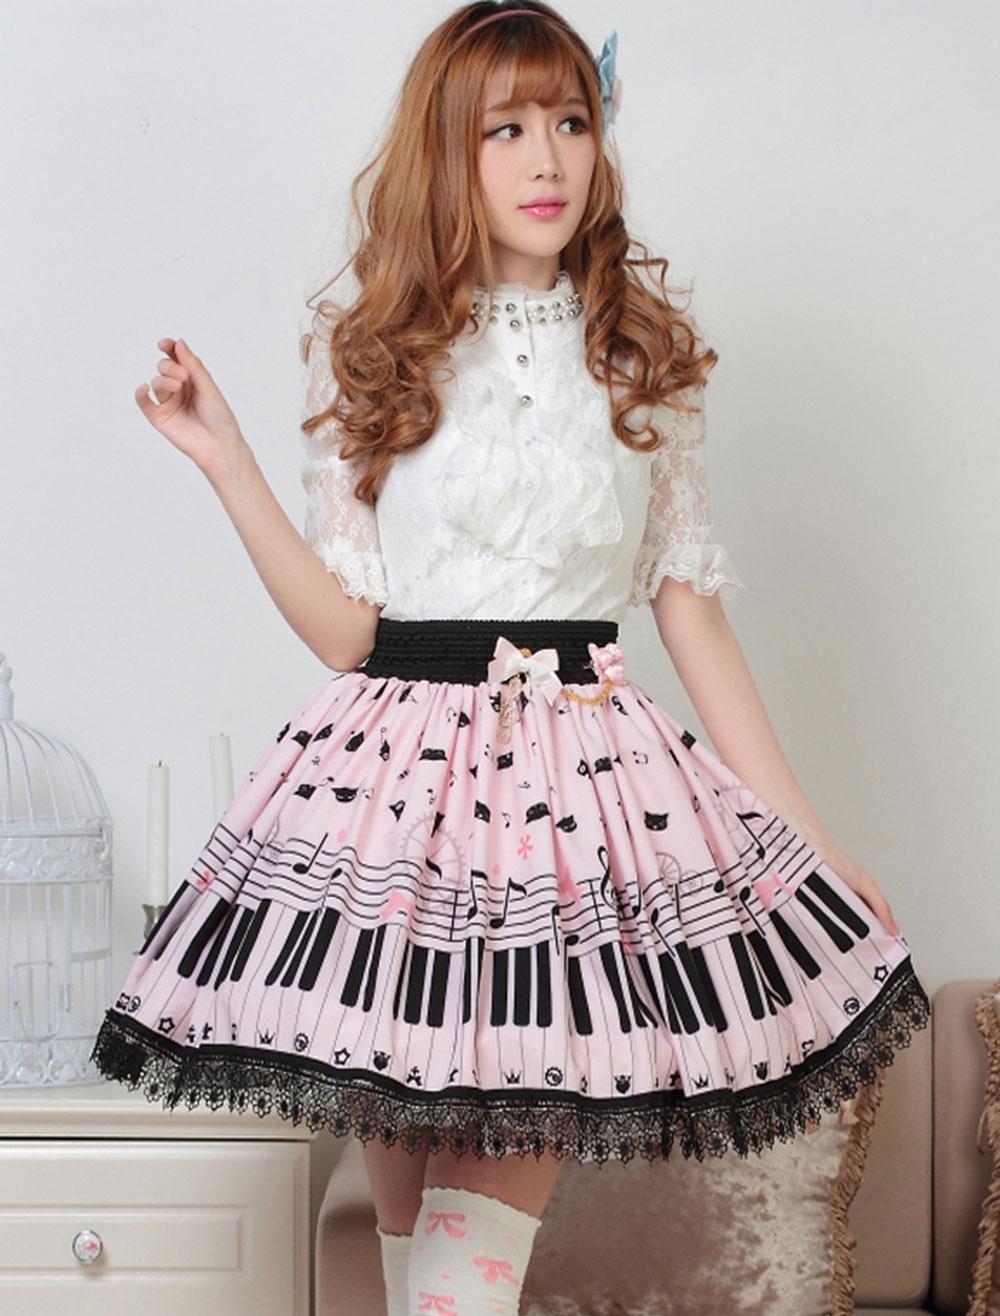 e4f7d5708 Vestidos de Lolita 2019 Dulce Piano Nota Estampado Lolita Falda Encaje